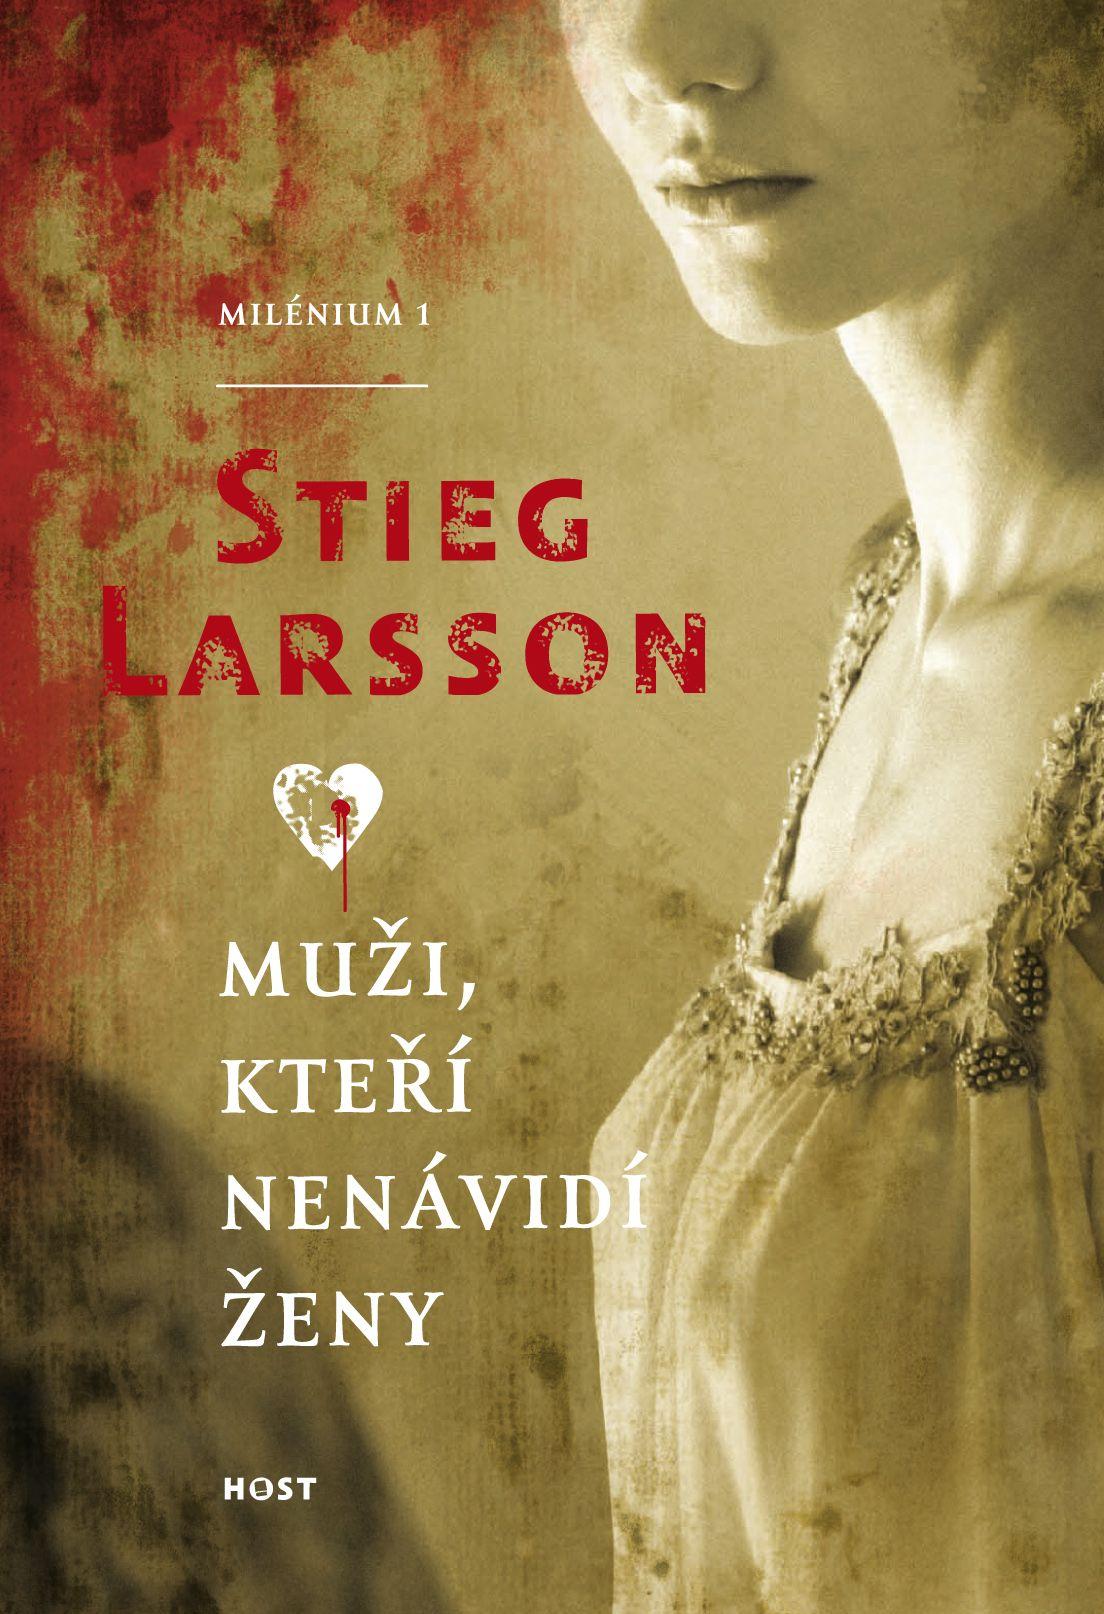 Stieg Larsson - Muži, kteří nenávidí ženy